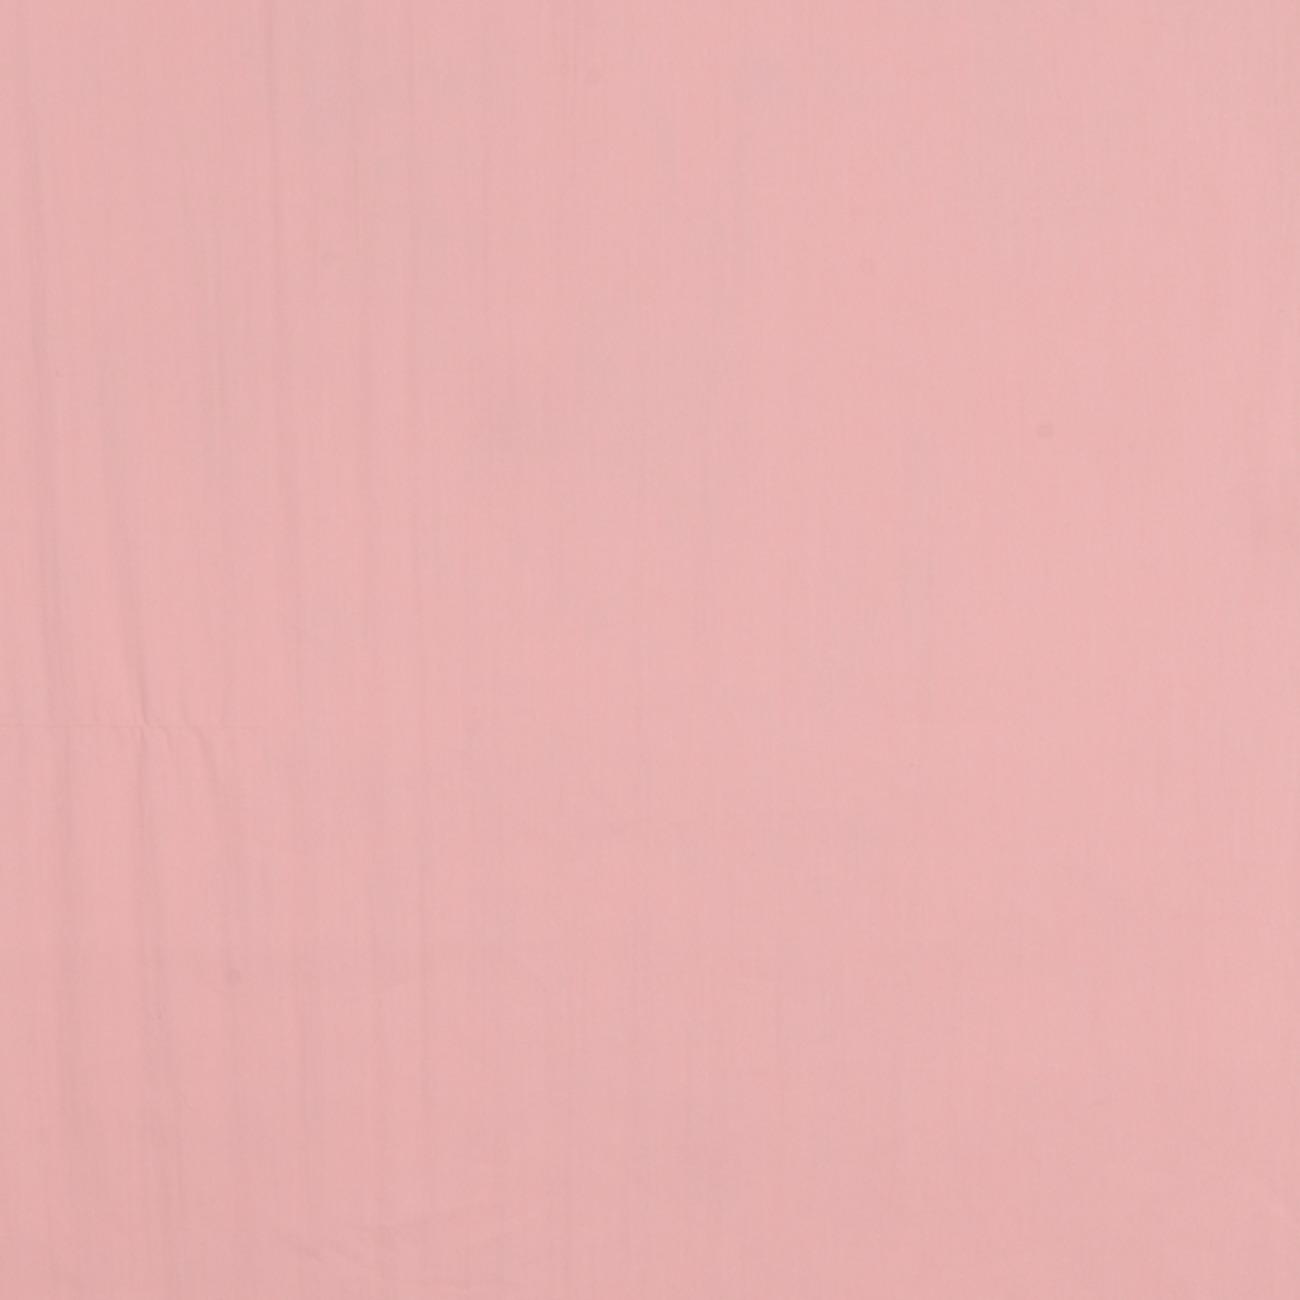 期货 素色平纹梭织外套夹克风衣低弹棉感 春夏衬衣 连衣裙 61219-57